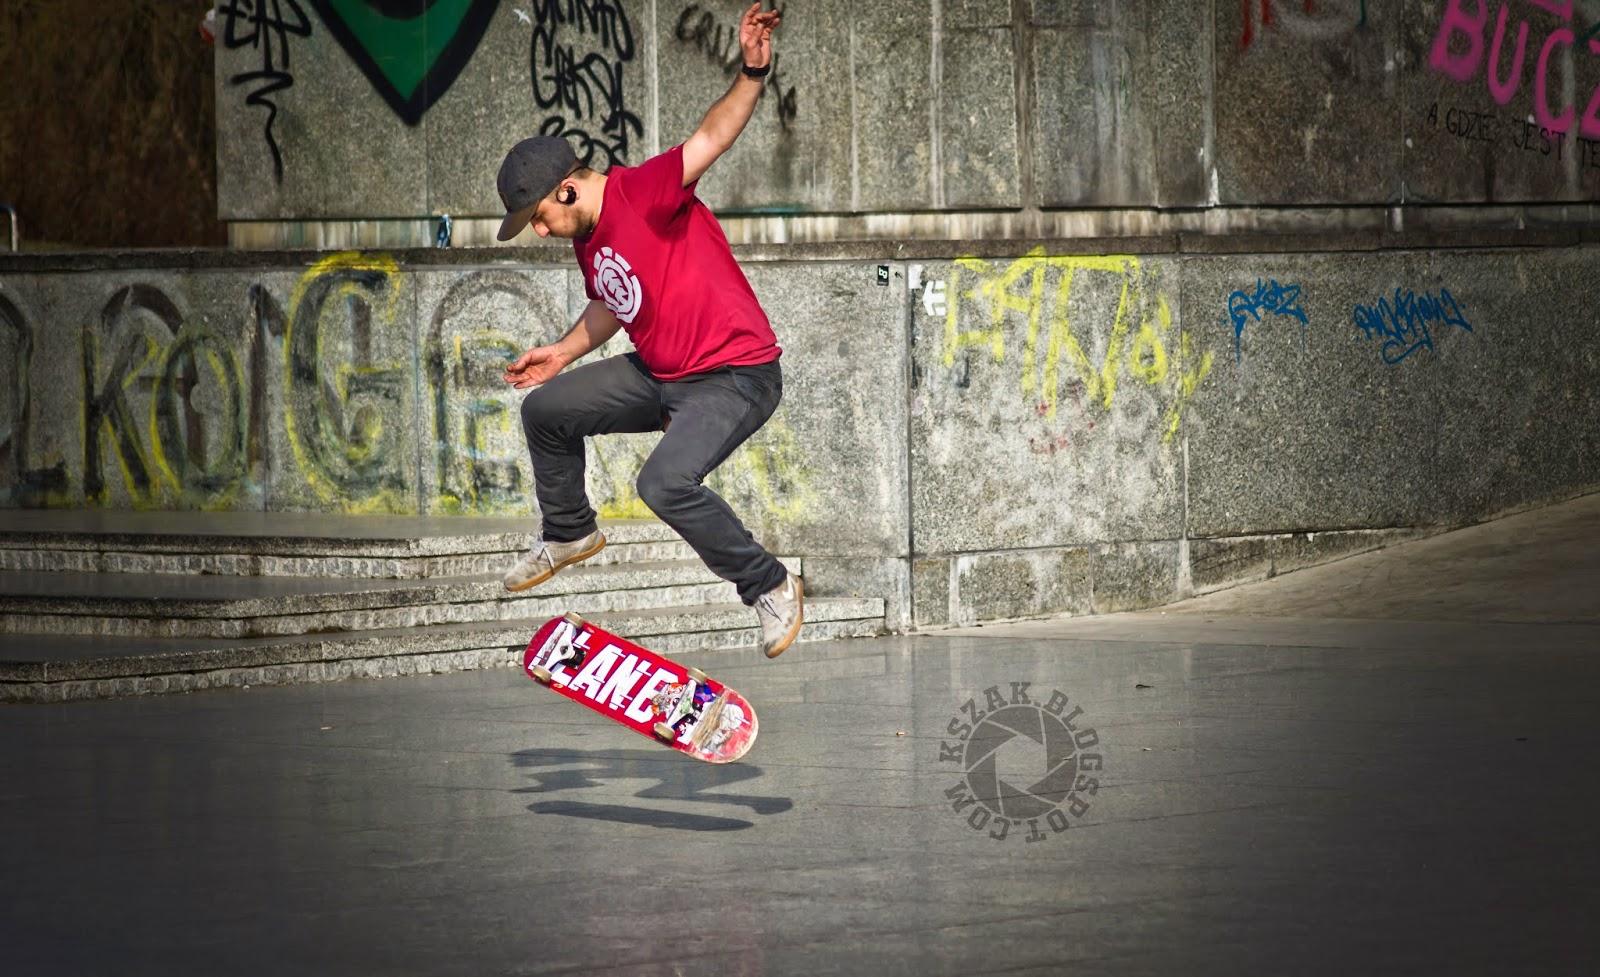 Paderewa aka PTG - skatepark